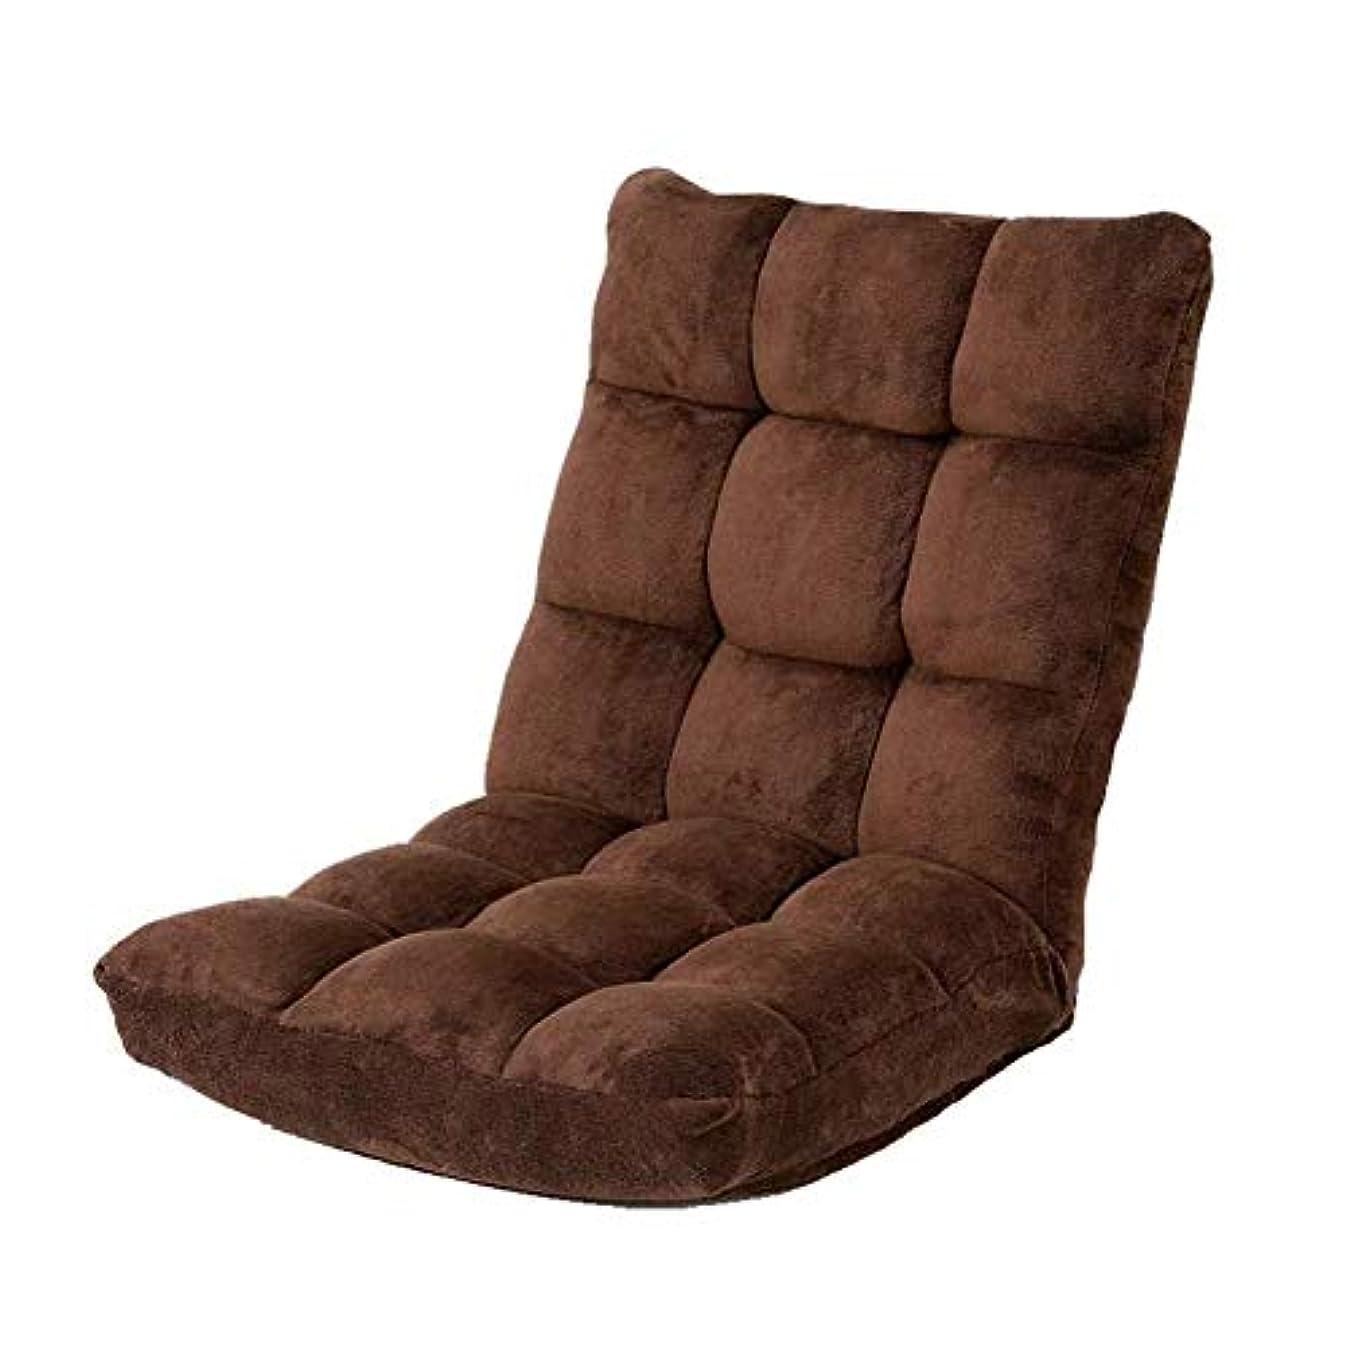 雑草ひもエネルギー瞑想用椅子、座りソファー、折りたたみ式畳床、折りたたみ式解体および洗濯可能増粘、レッグレスカジュアルシングルリクライニングベッド (Color : Brown)